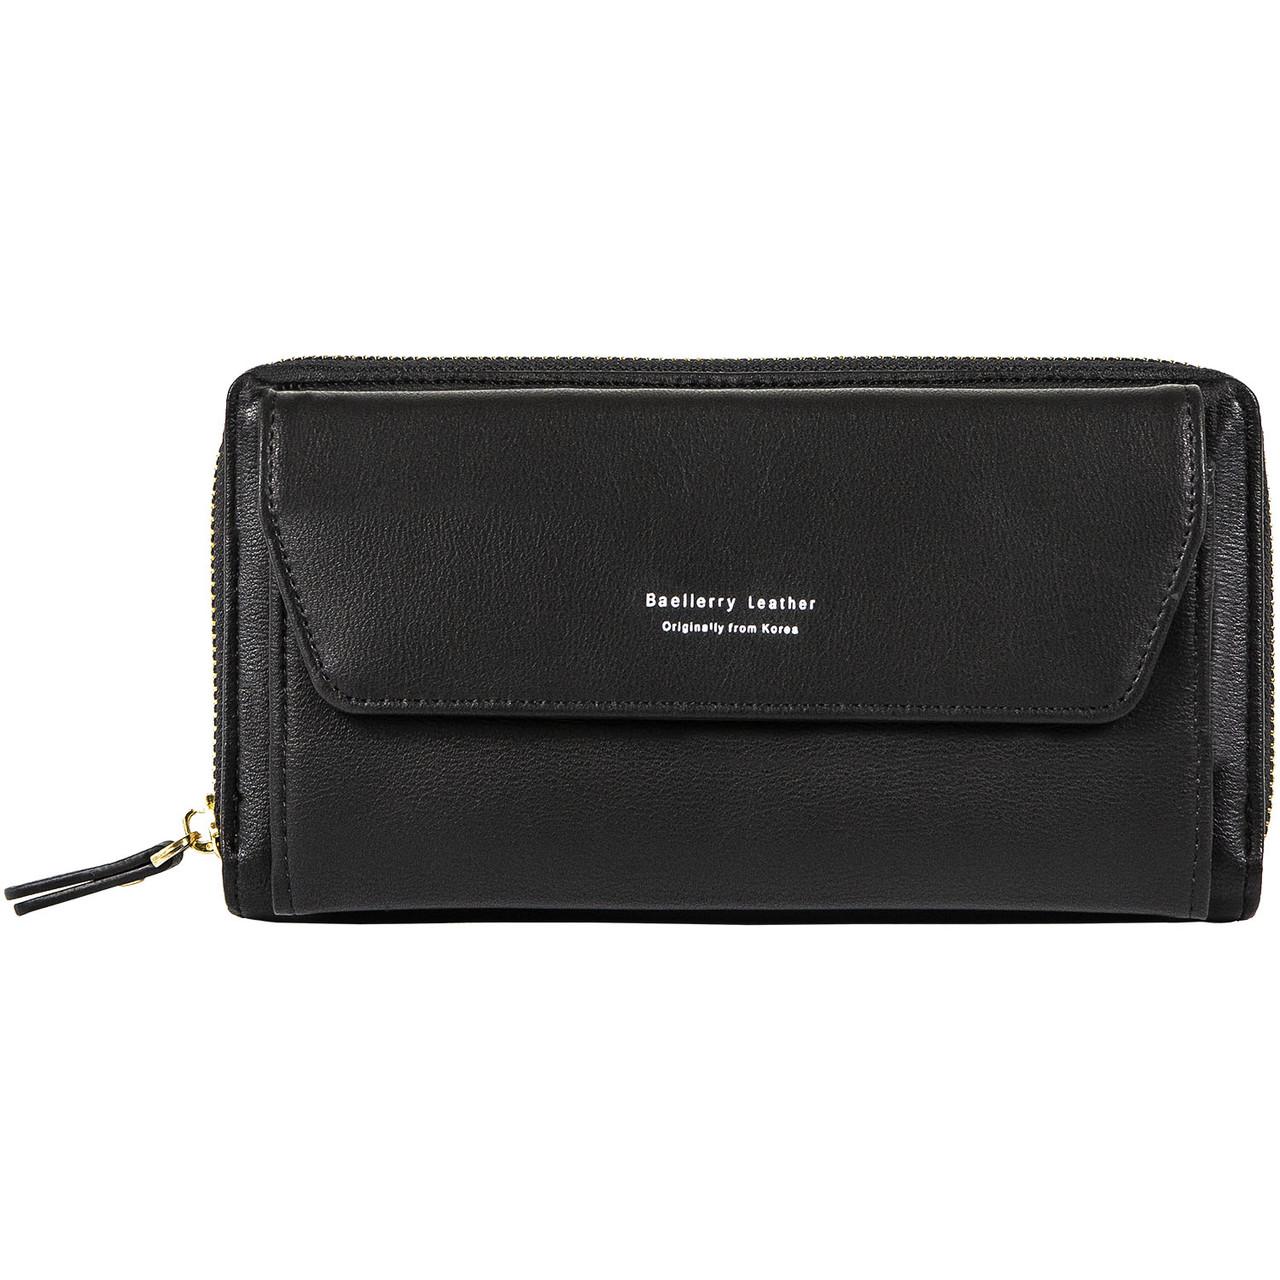 Женский Кошелек Клатч Baellerry Leather (N5509) на Молнии для Карточек с Ремешком Черный